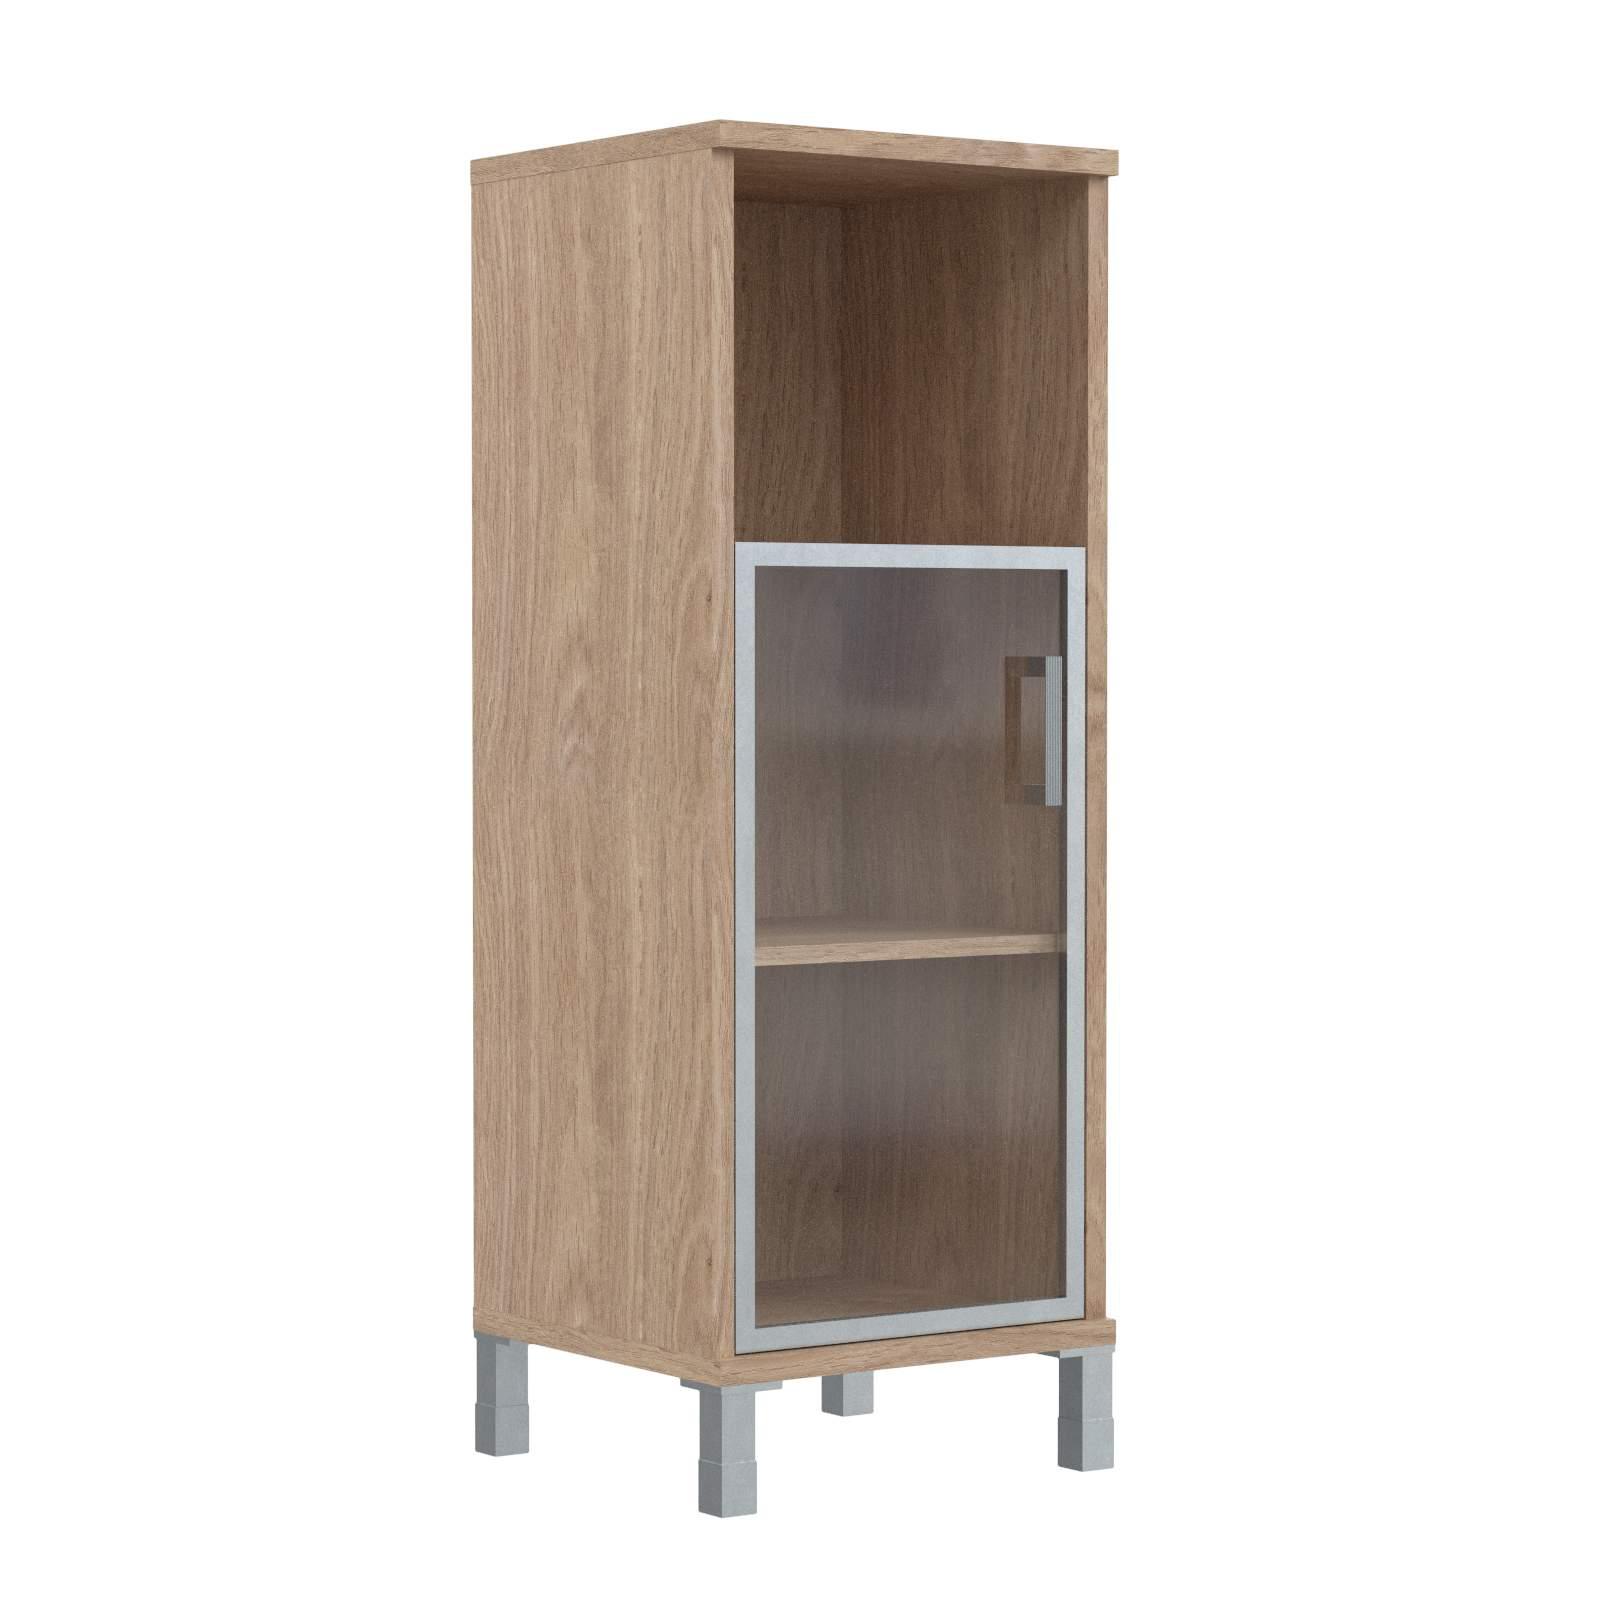 Шкаф колонка средняя с малой стеклянной дверью в алюм. рамке левая 475х435х1236